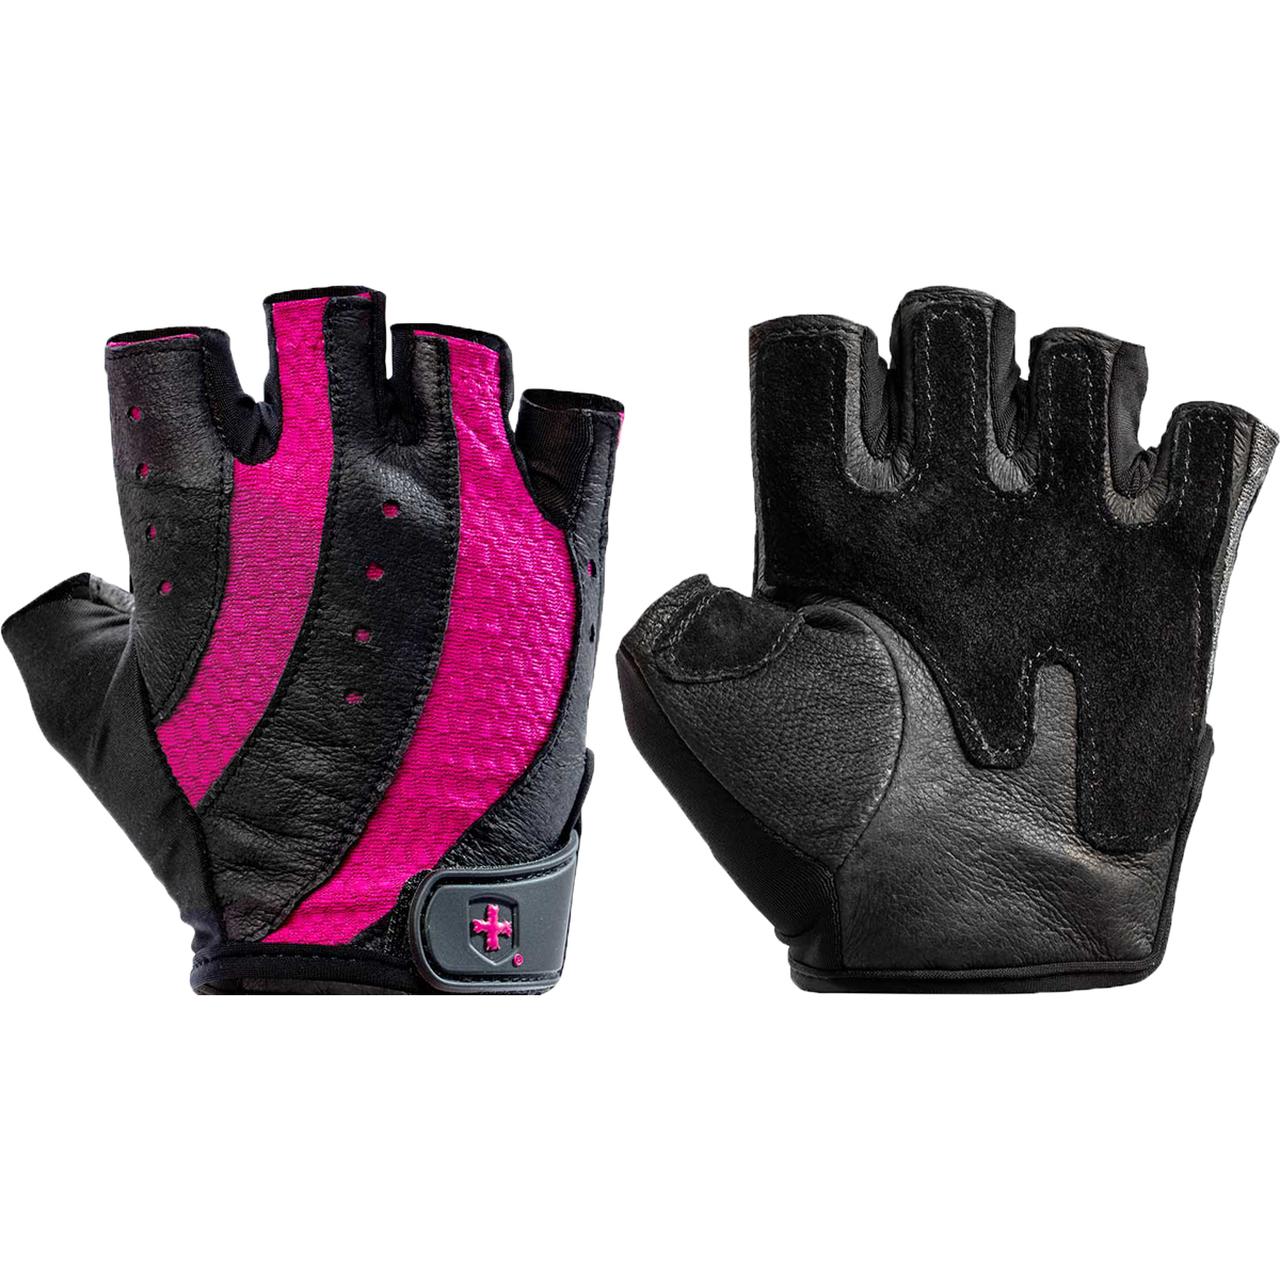 Harbinger Womens Pro Gloves pereche